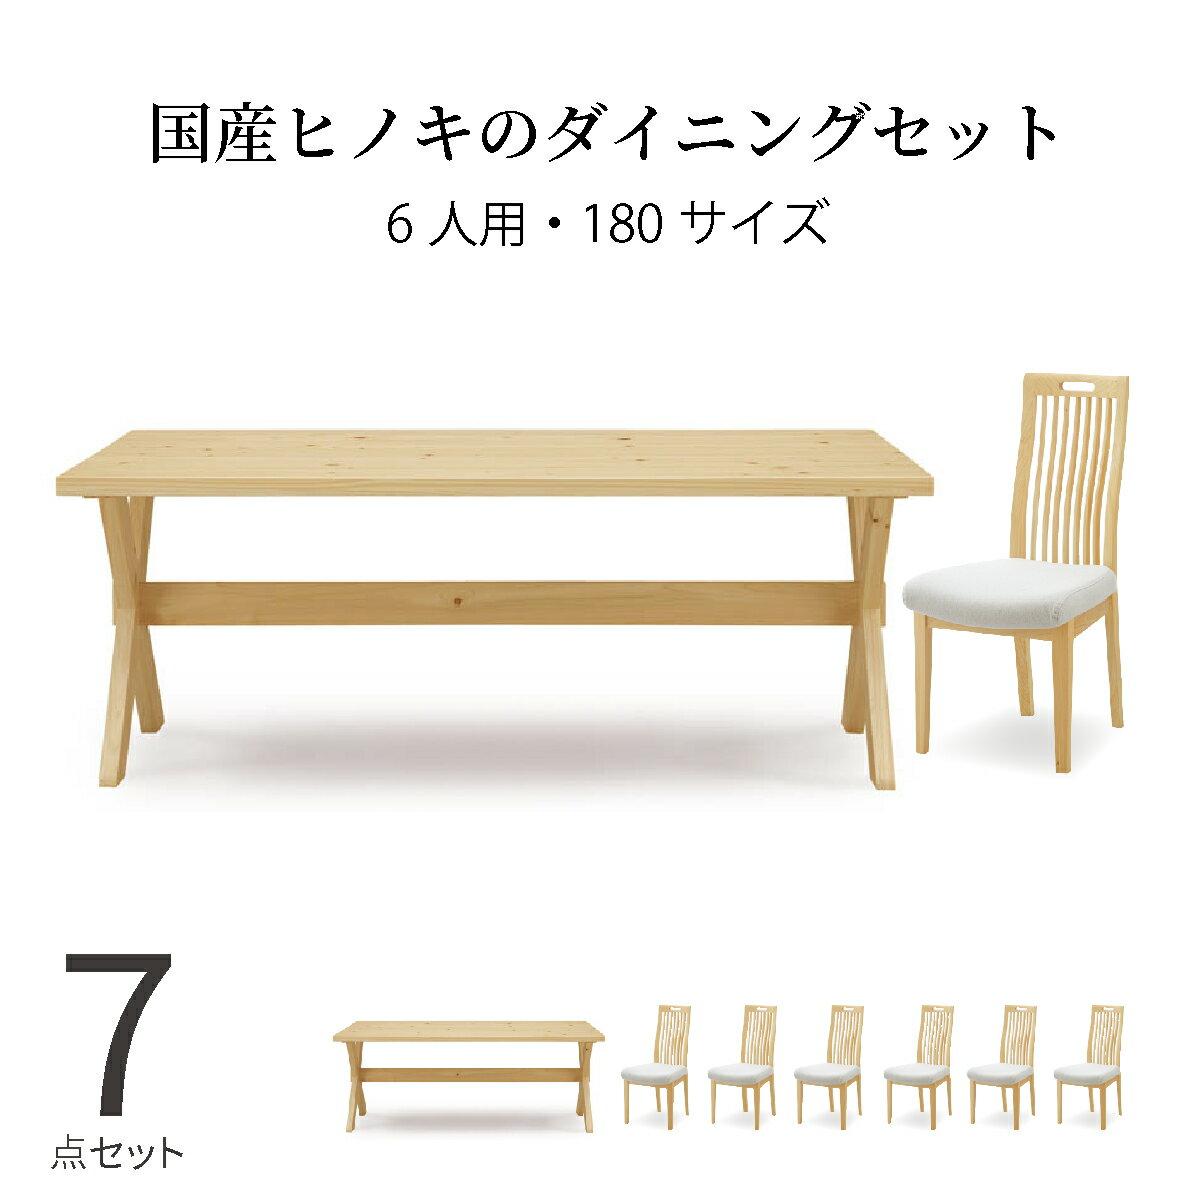 ダイニングテーブルセット 7点セット ひのき 国産 木製 おしゃれ 北欧 6人用 人気 ダイニングセット テーブル7点セット 凪 180 テーブル /MOIST チェア05_6脚 シギヤマ家具工業 シギヤマ